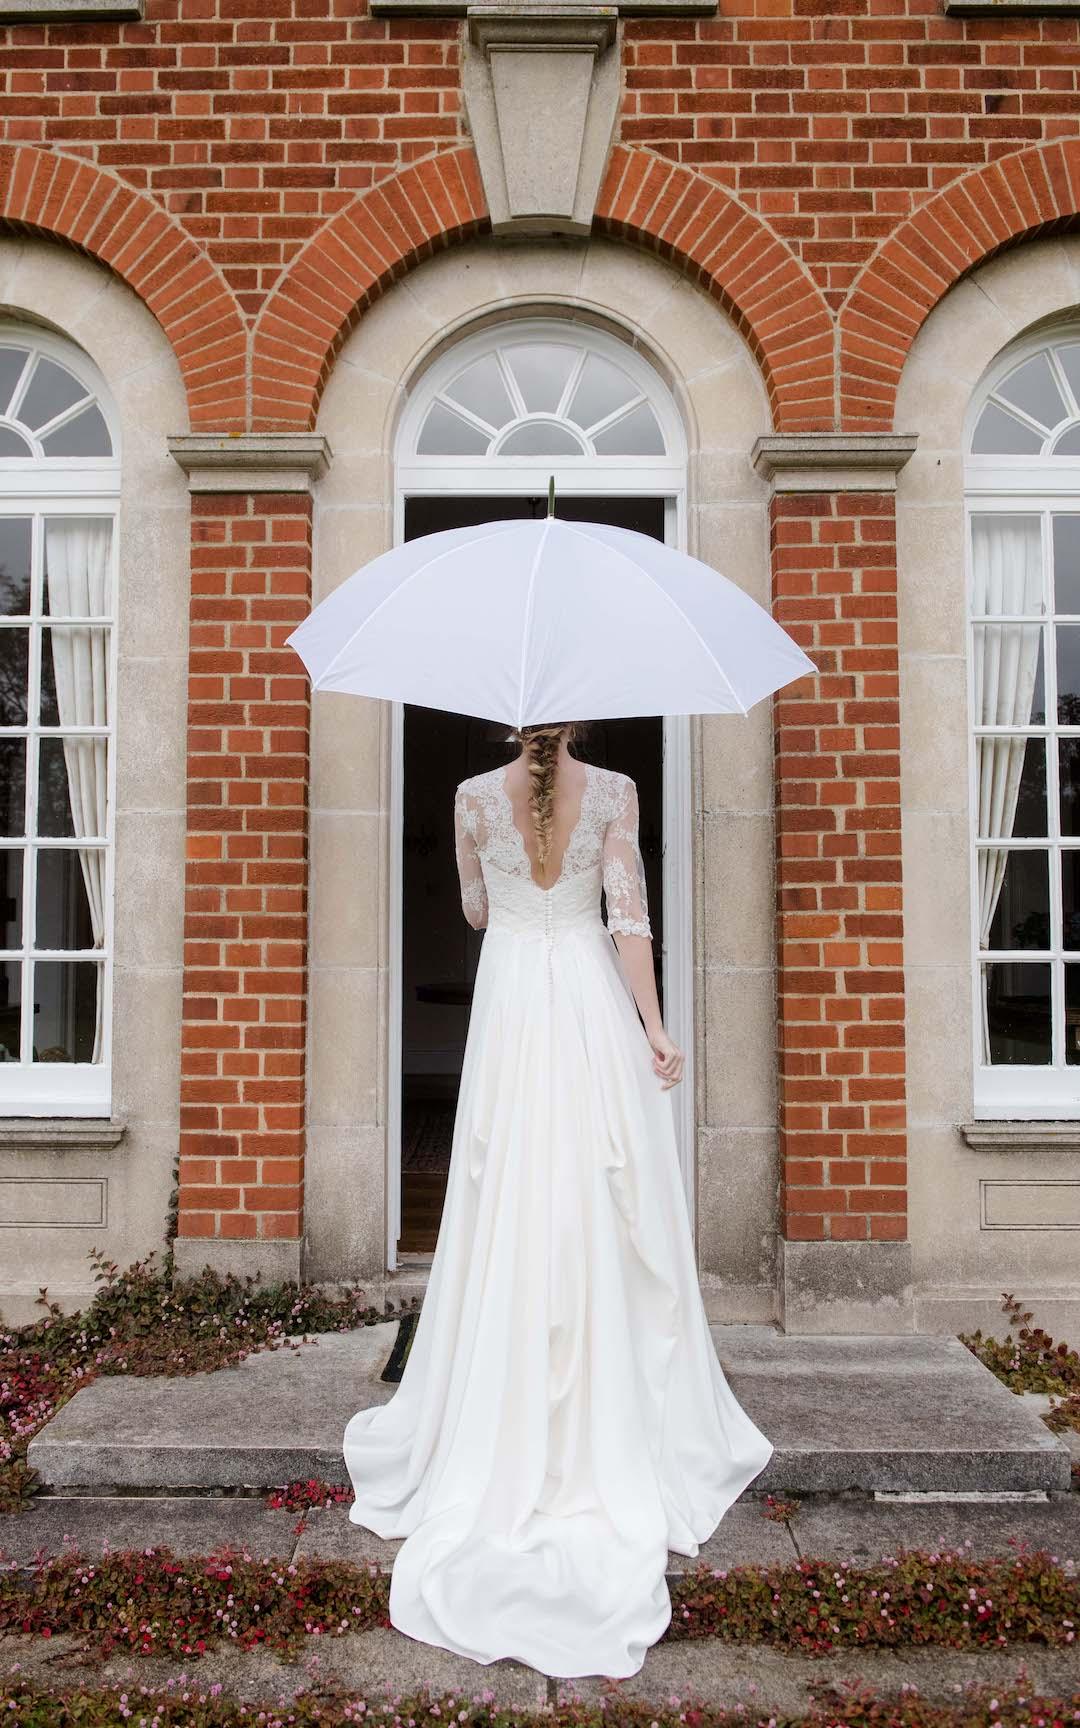 Norfolk bride with Umbrella